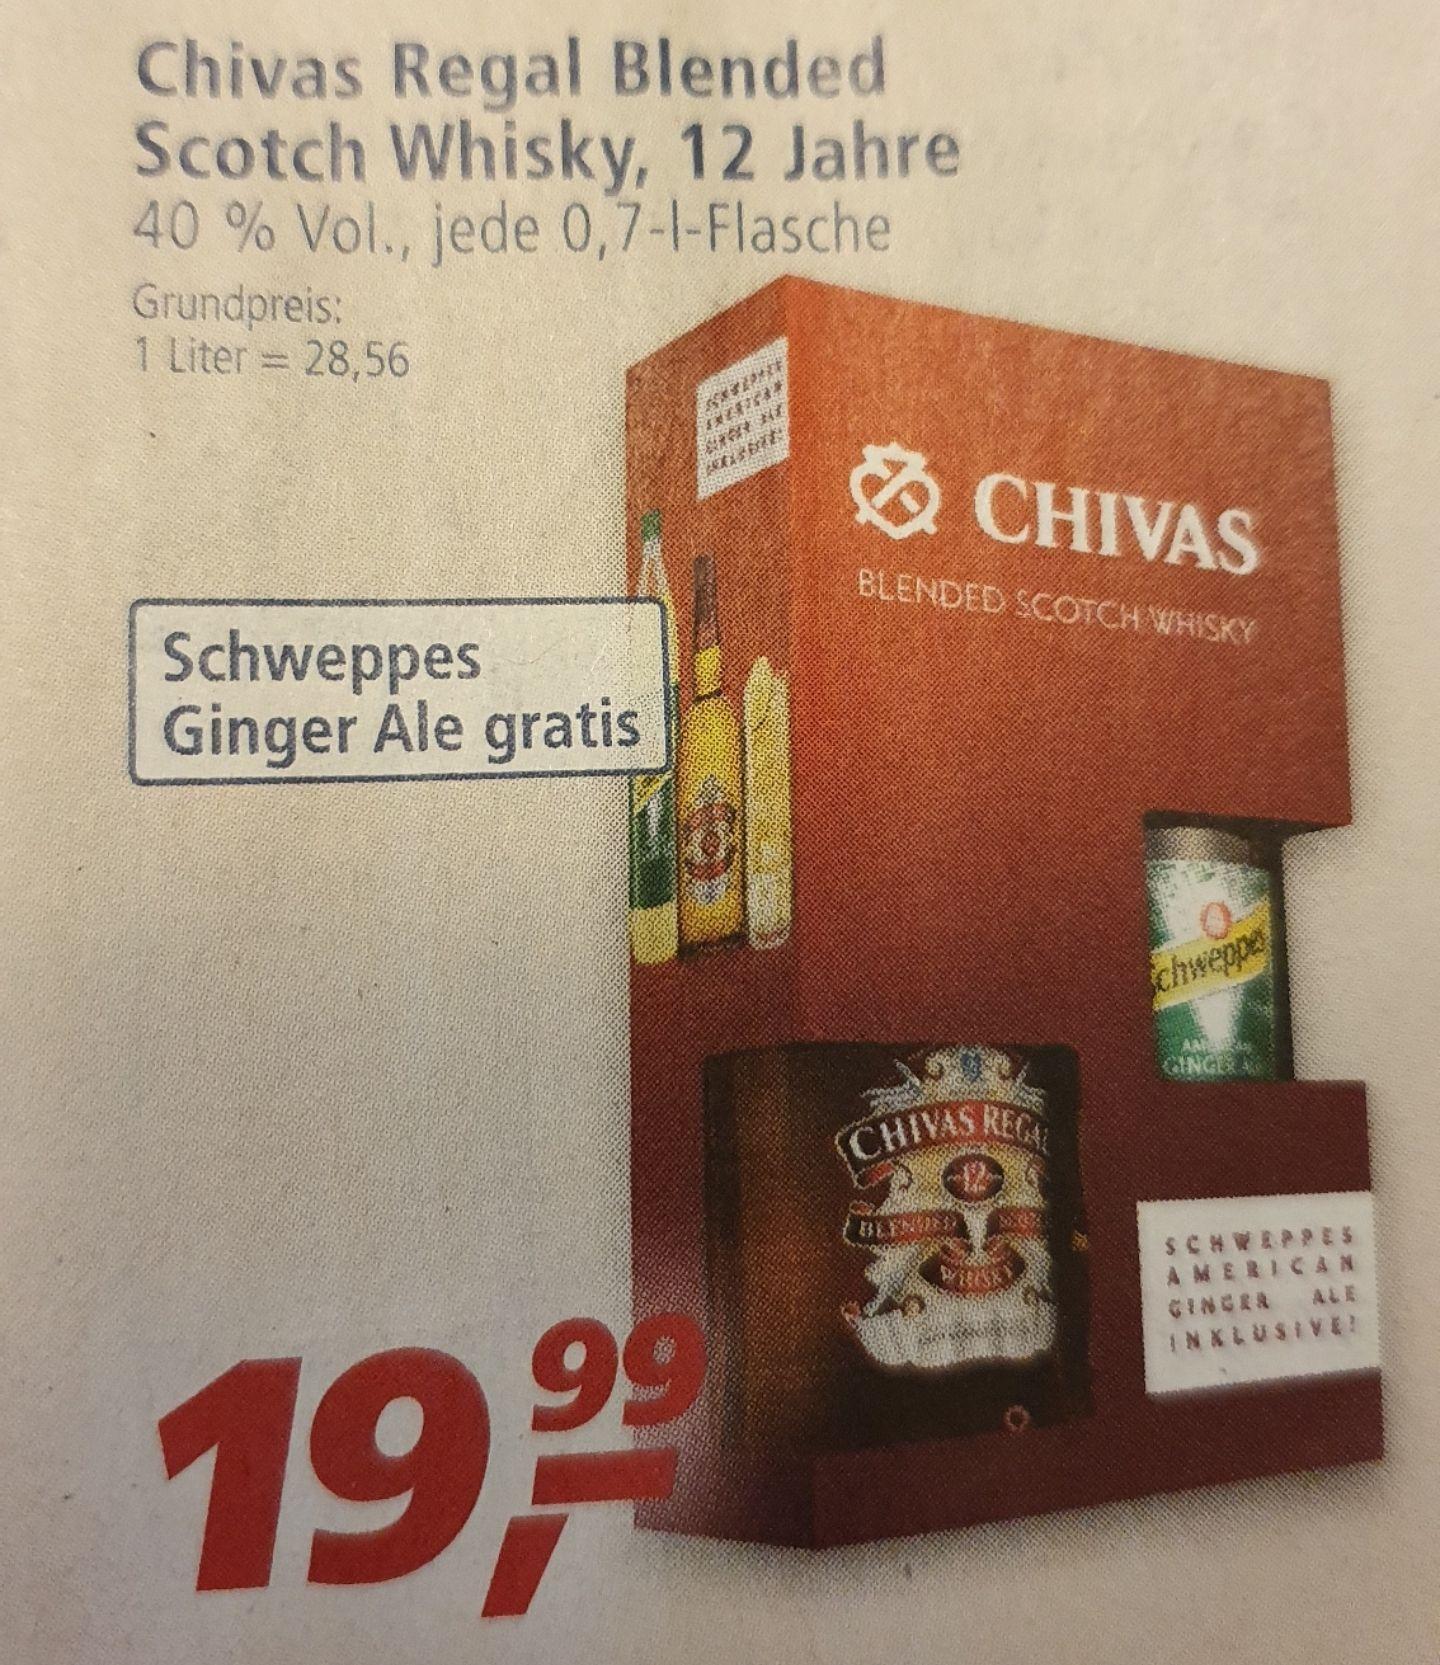 [Real] Chivas Regal Blended Scotch Whisky, 12 Jahre 0,7 + gratis Schweppes Ginger Ale